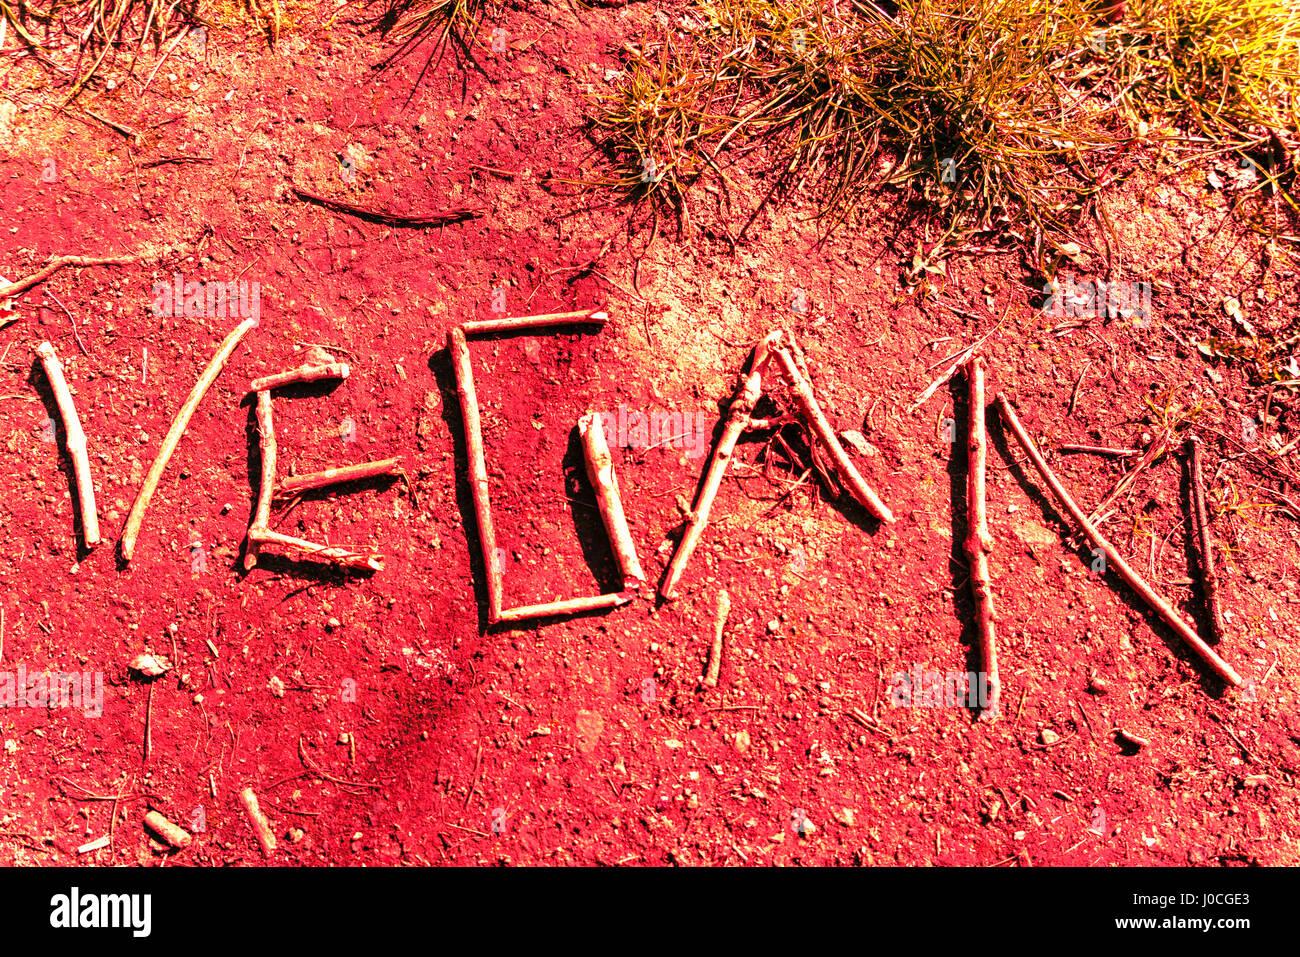 The word 'Vegan' shown as lifestyle graffiti Stock Photo